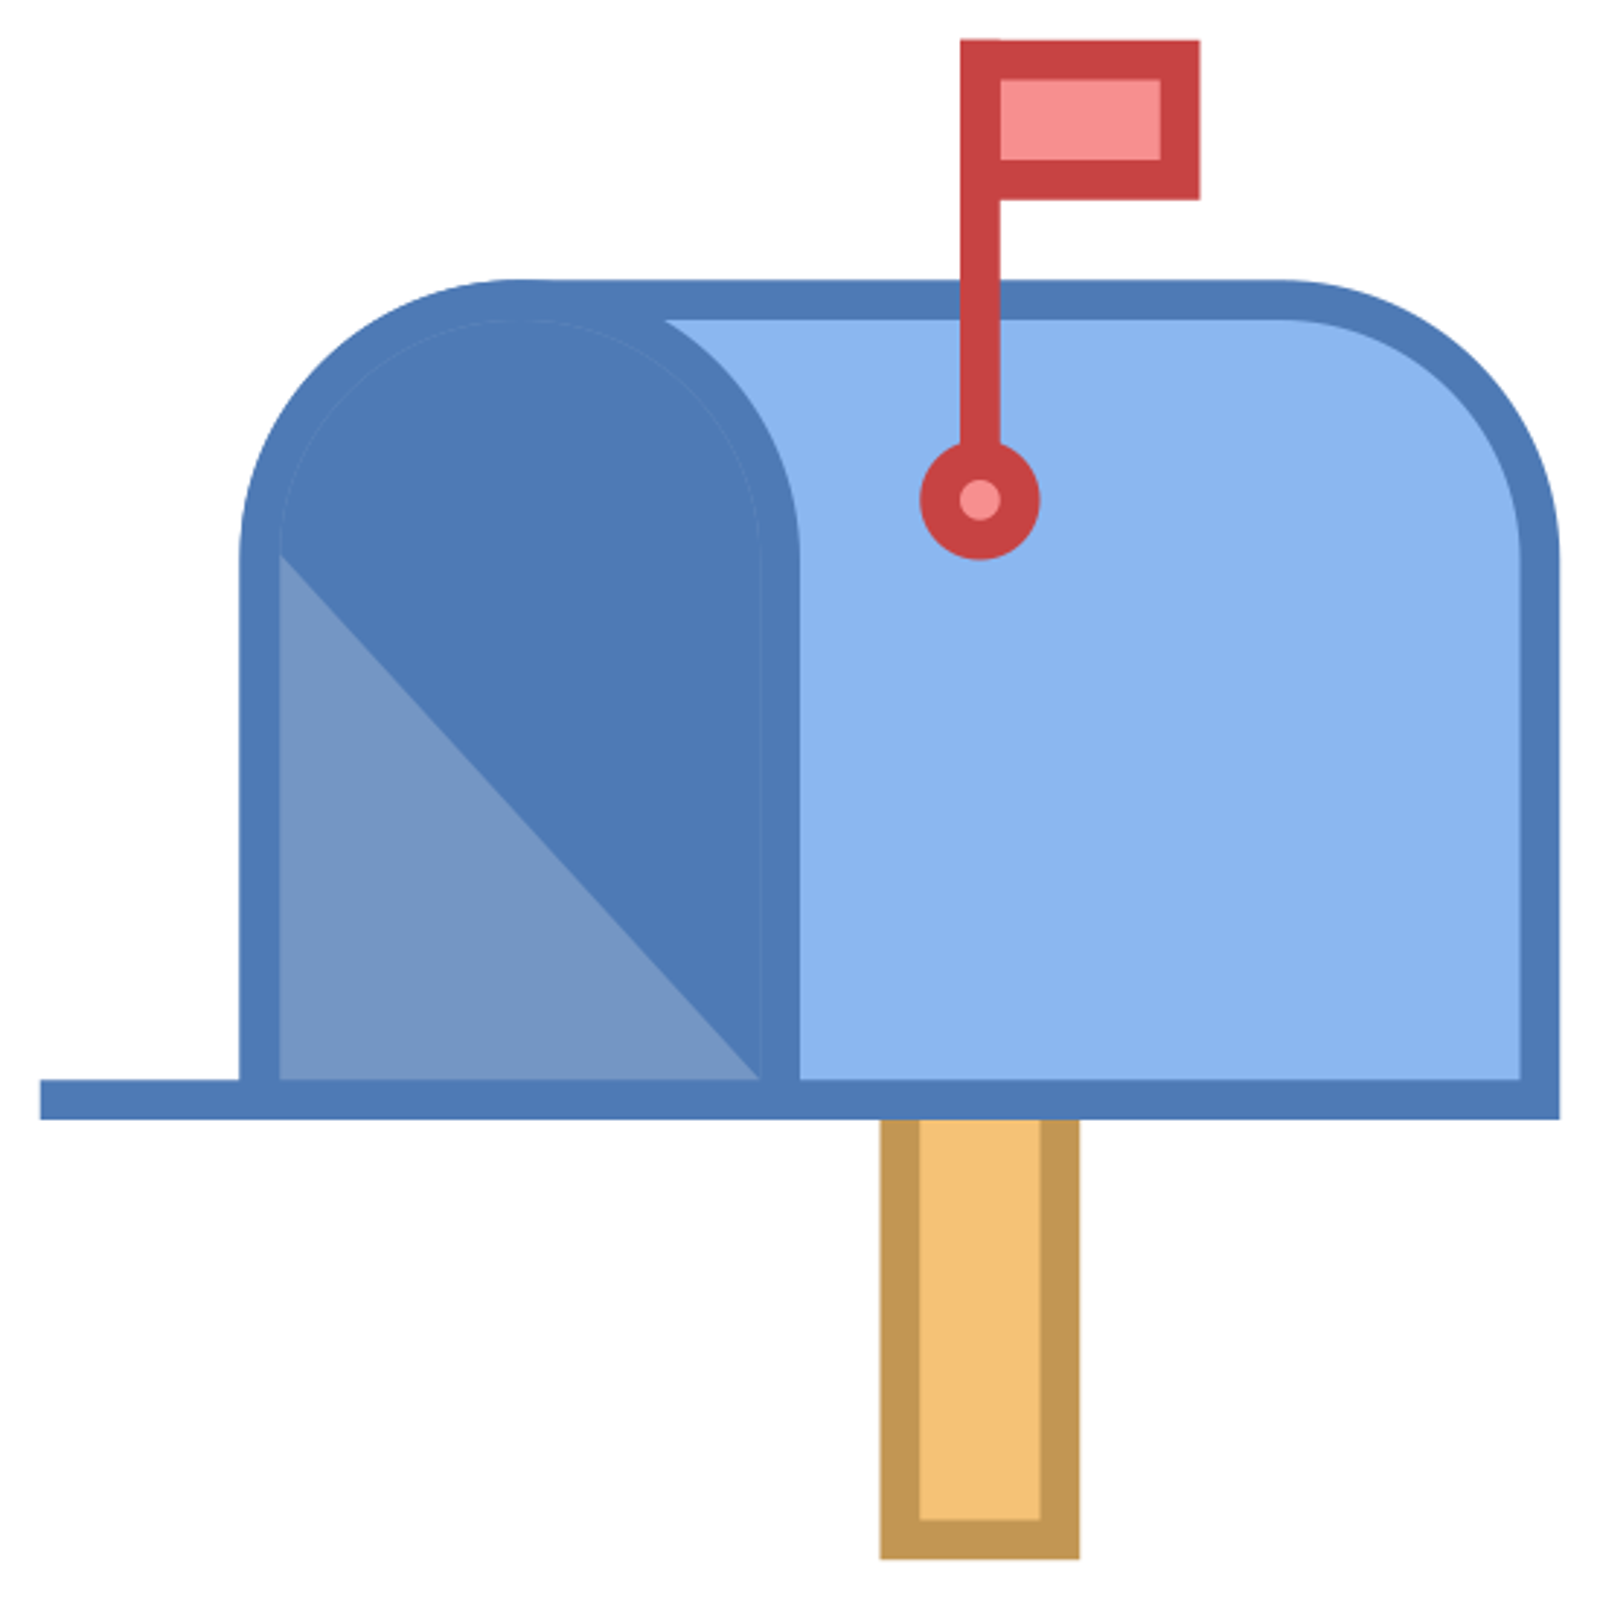 邮箱开业标志向上 icon. This is a picture of a mailbox. it's attached to a pole. it's front door is open wide and you can see inside it. it has a flag and it is sticking straight up.